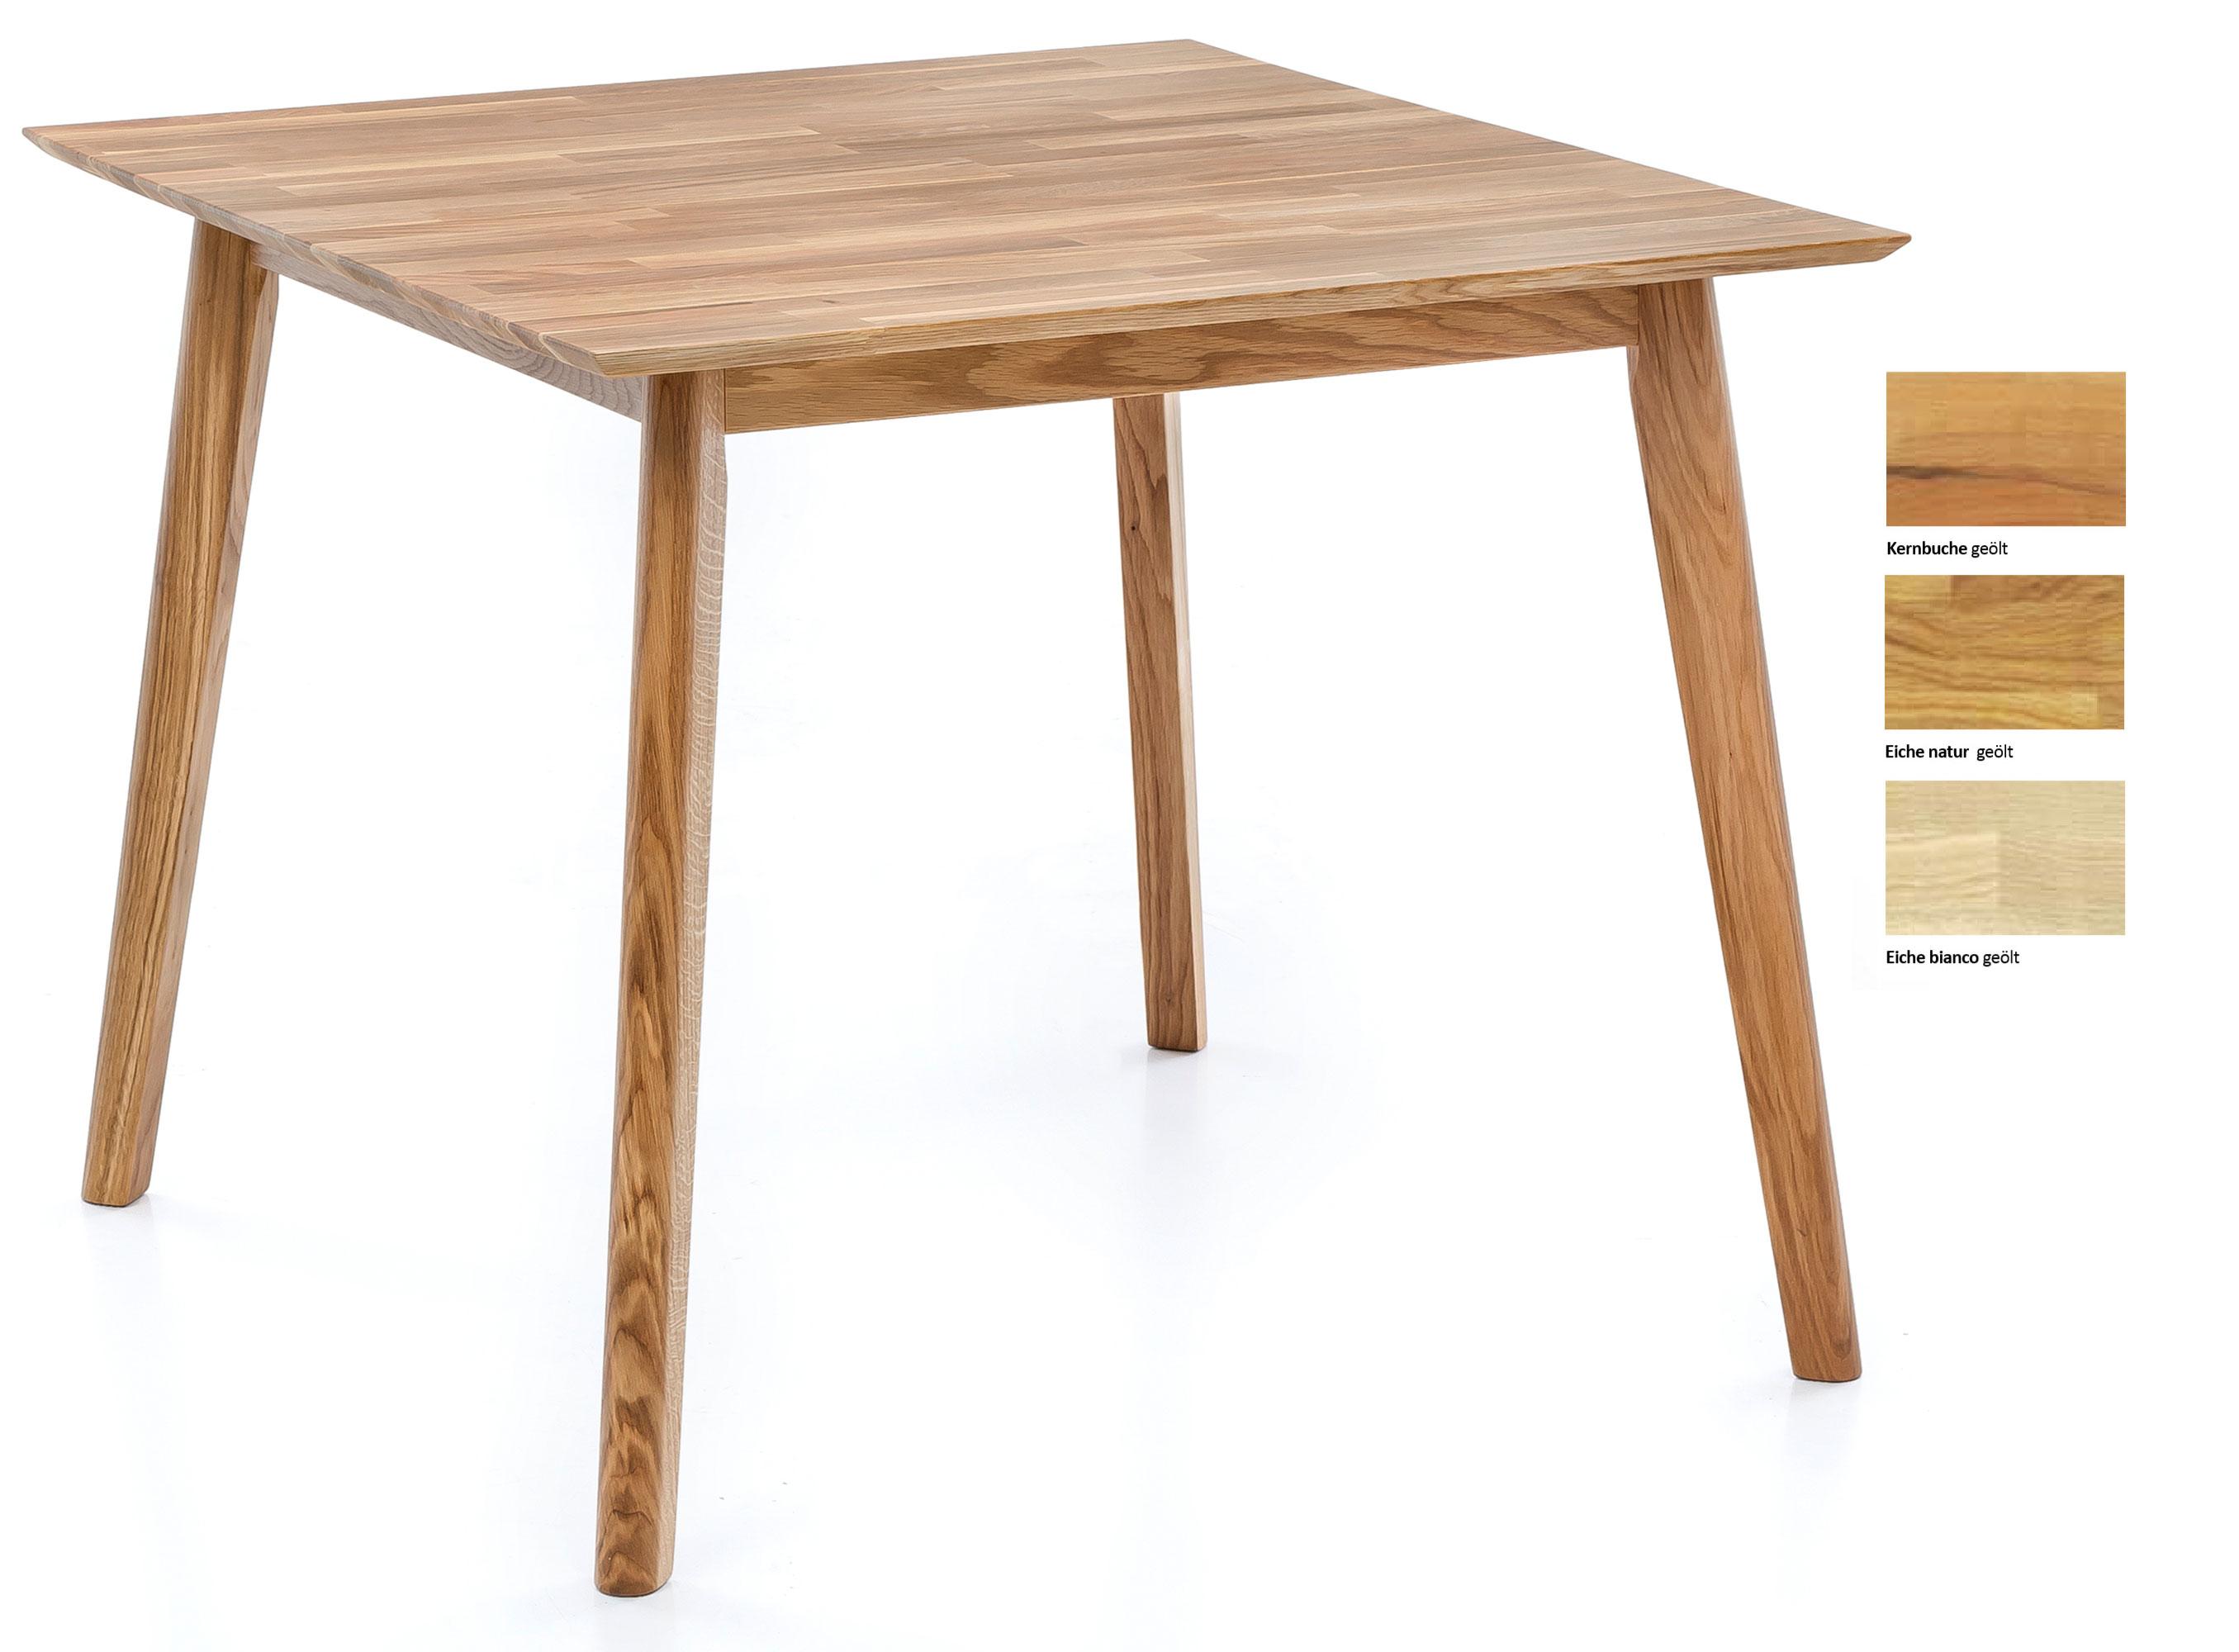 Standard Furniture Thomas Massivholztisch eiche 90x90 cm